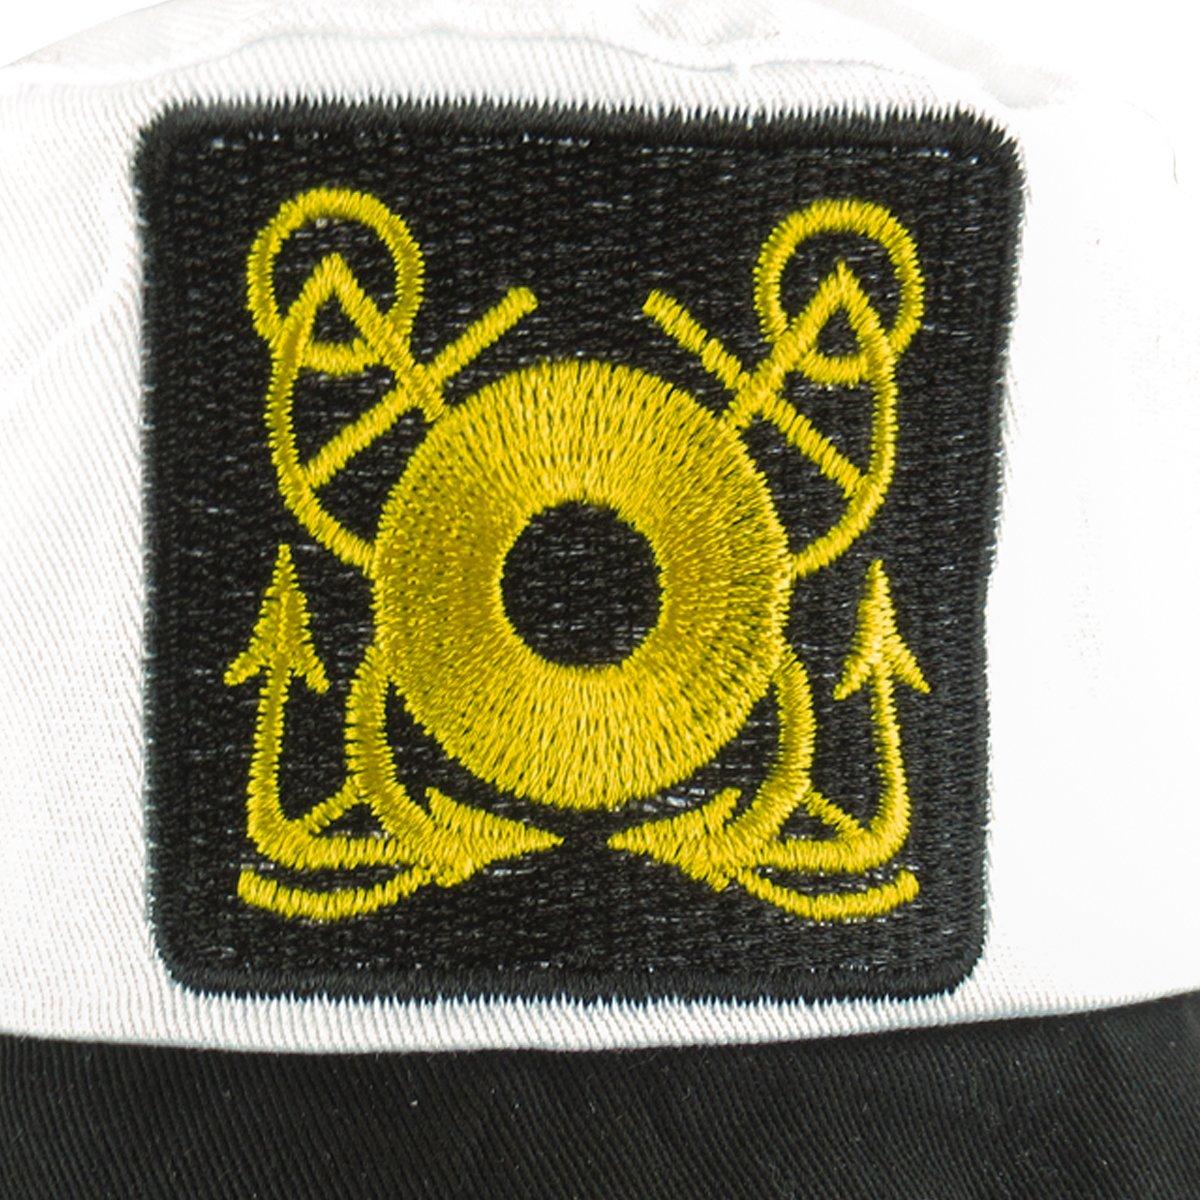 Mombebe Bambino Ragazzi Nautico Capitano Cappello  1541005608-299546 ... 99280e010993